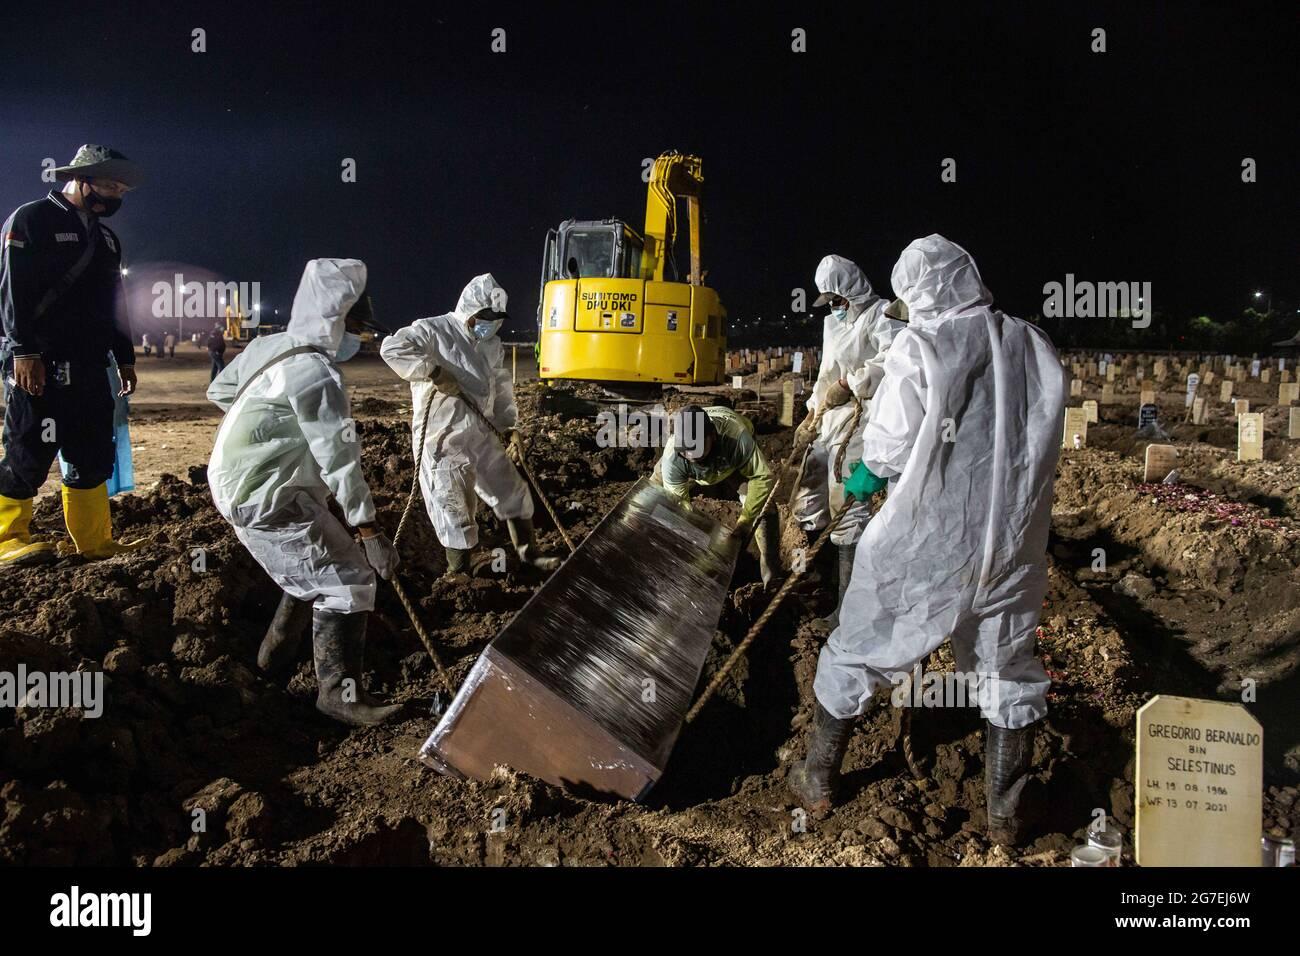 Giacarta, Indonesia. 13 luglio 2021. Gli scavatori della tomba lavorano durante la sepoltura di una vittima di coronavirus COVID-19 in un cimitero speciale. L'Indonesia ha registrato oltre 2,600,000 casi di coronavirus (malattia di COVID-19) dall'inizio della pandemia. Credit: Afriadi Hikmal/ZUMA Wire/Alamy Live News Foto Stock